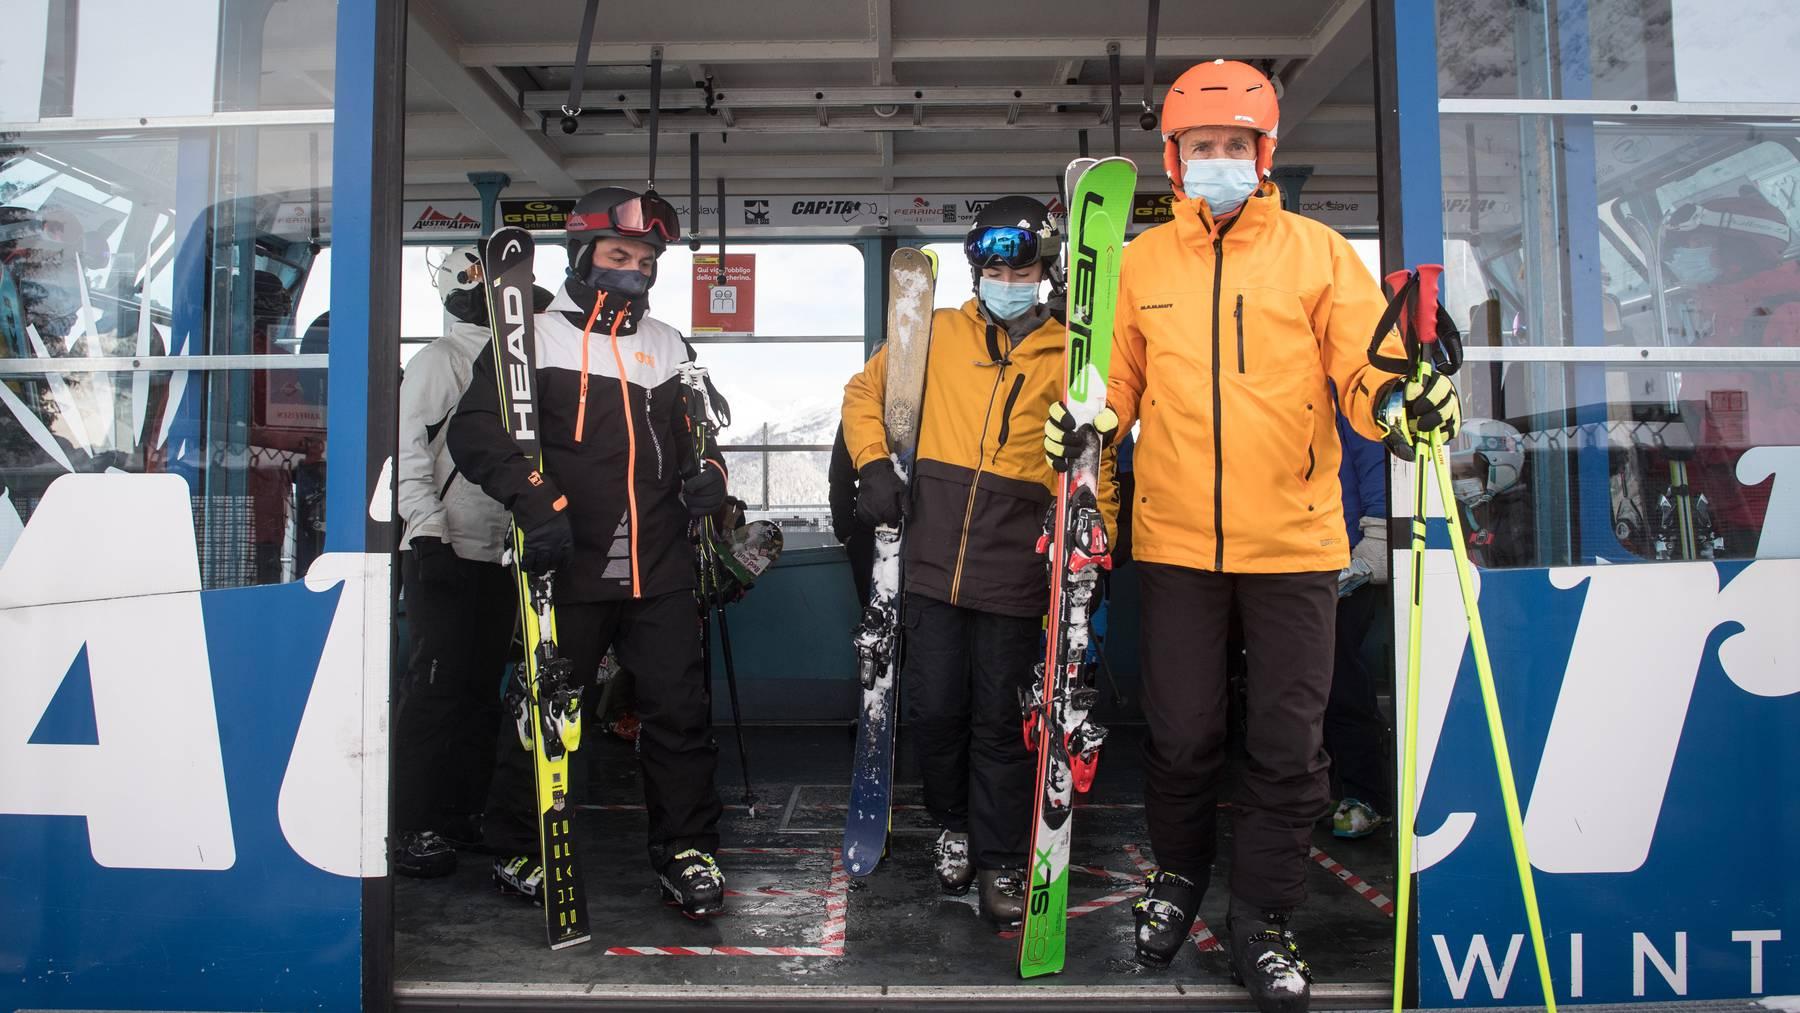 Darf offen bleiben: Das Skigebiet von Airolo – hier bei der Eröffnung der diesjährigen Saison am 12. Dezember.